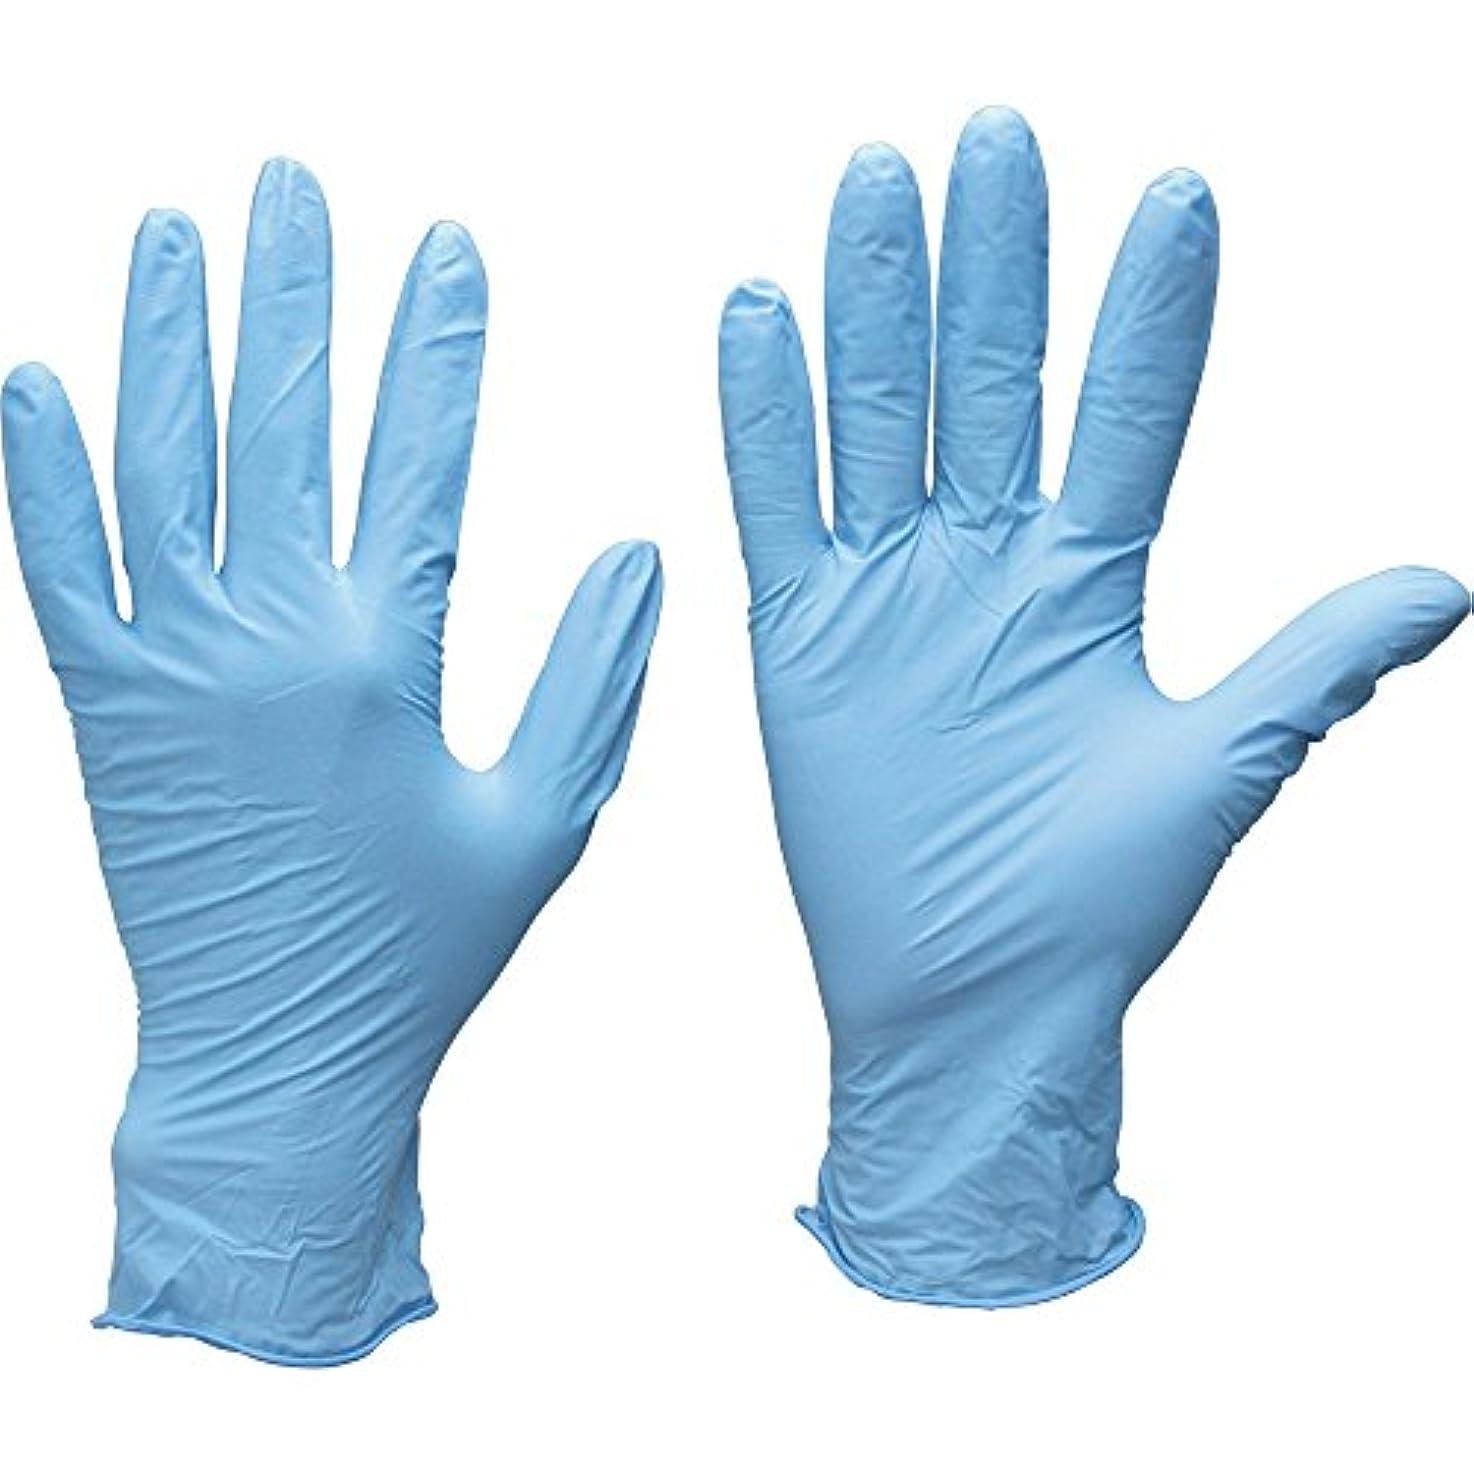 検閲発行するコーラストワロン ニトリル極うす手袋 SS (100枚入) 529-SS ニトリルゴム使い捨て手袋